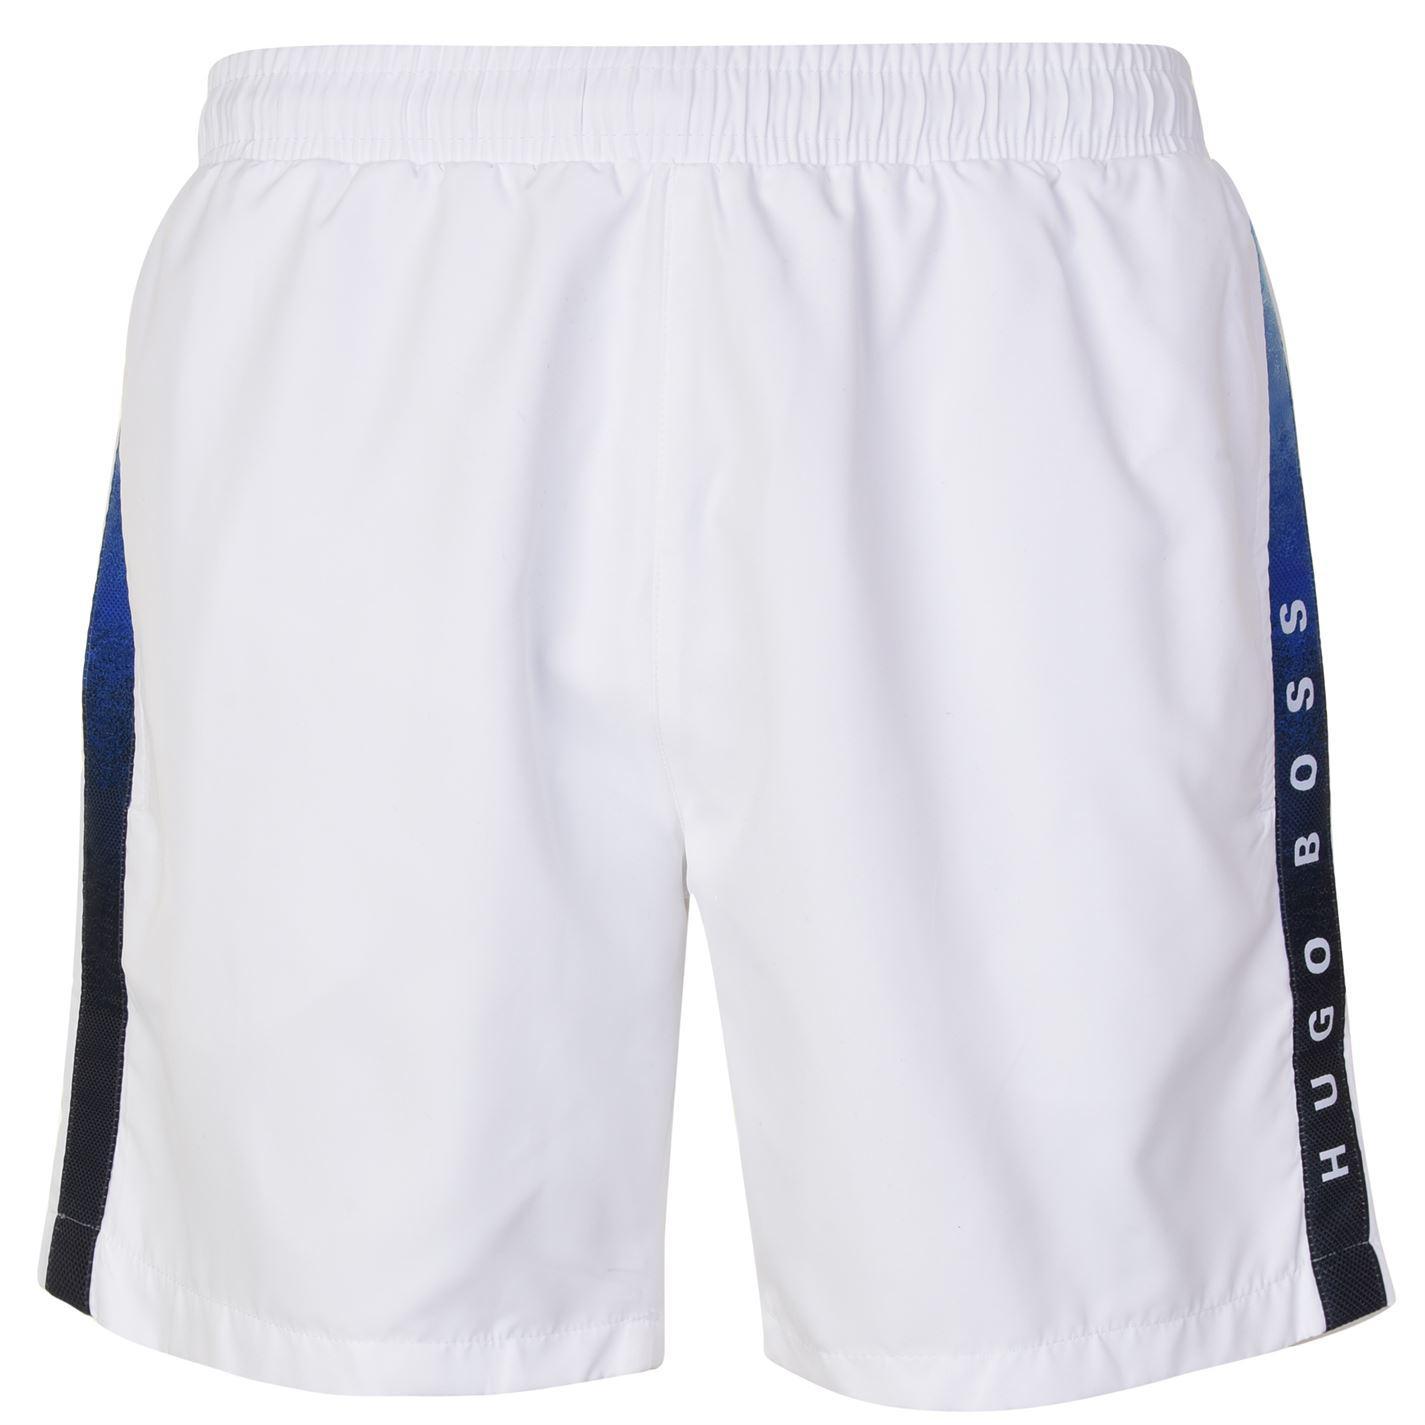 3f2810476 Lyst - BOSS by Hugo Boss Seabream Swim Shorts in White for Men